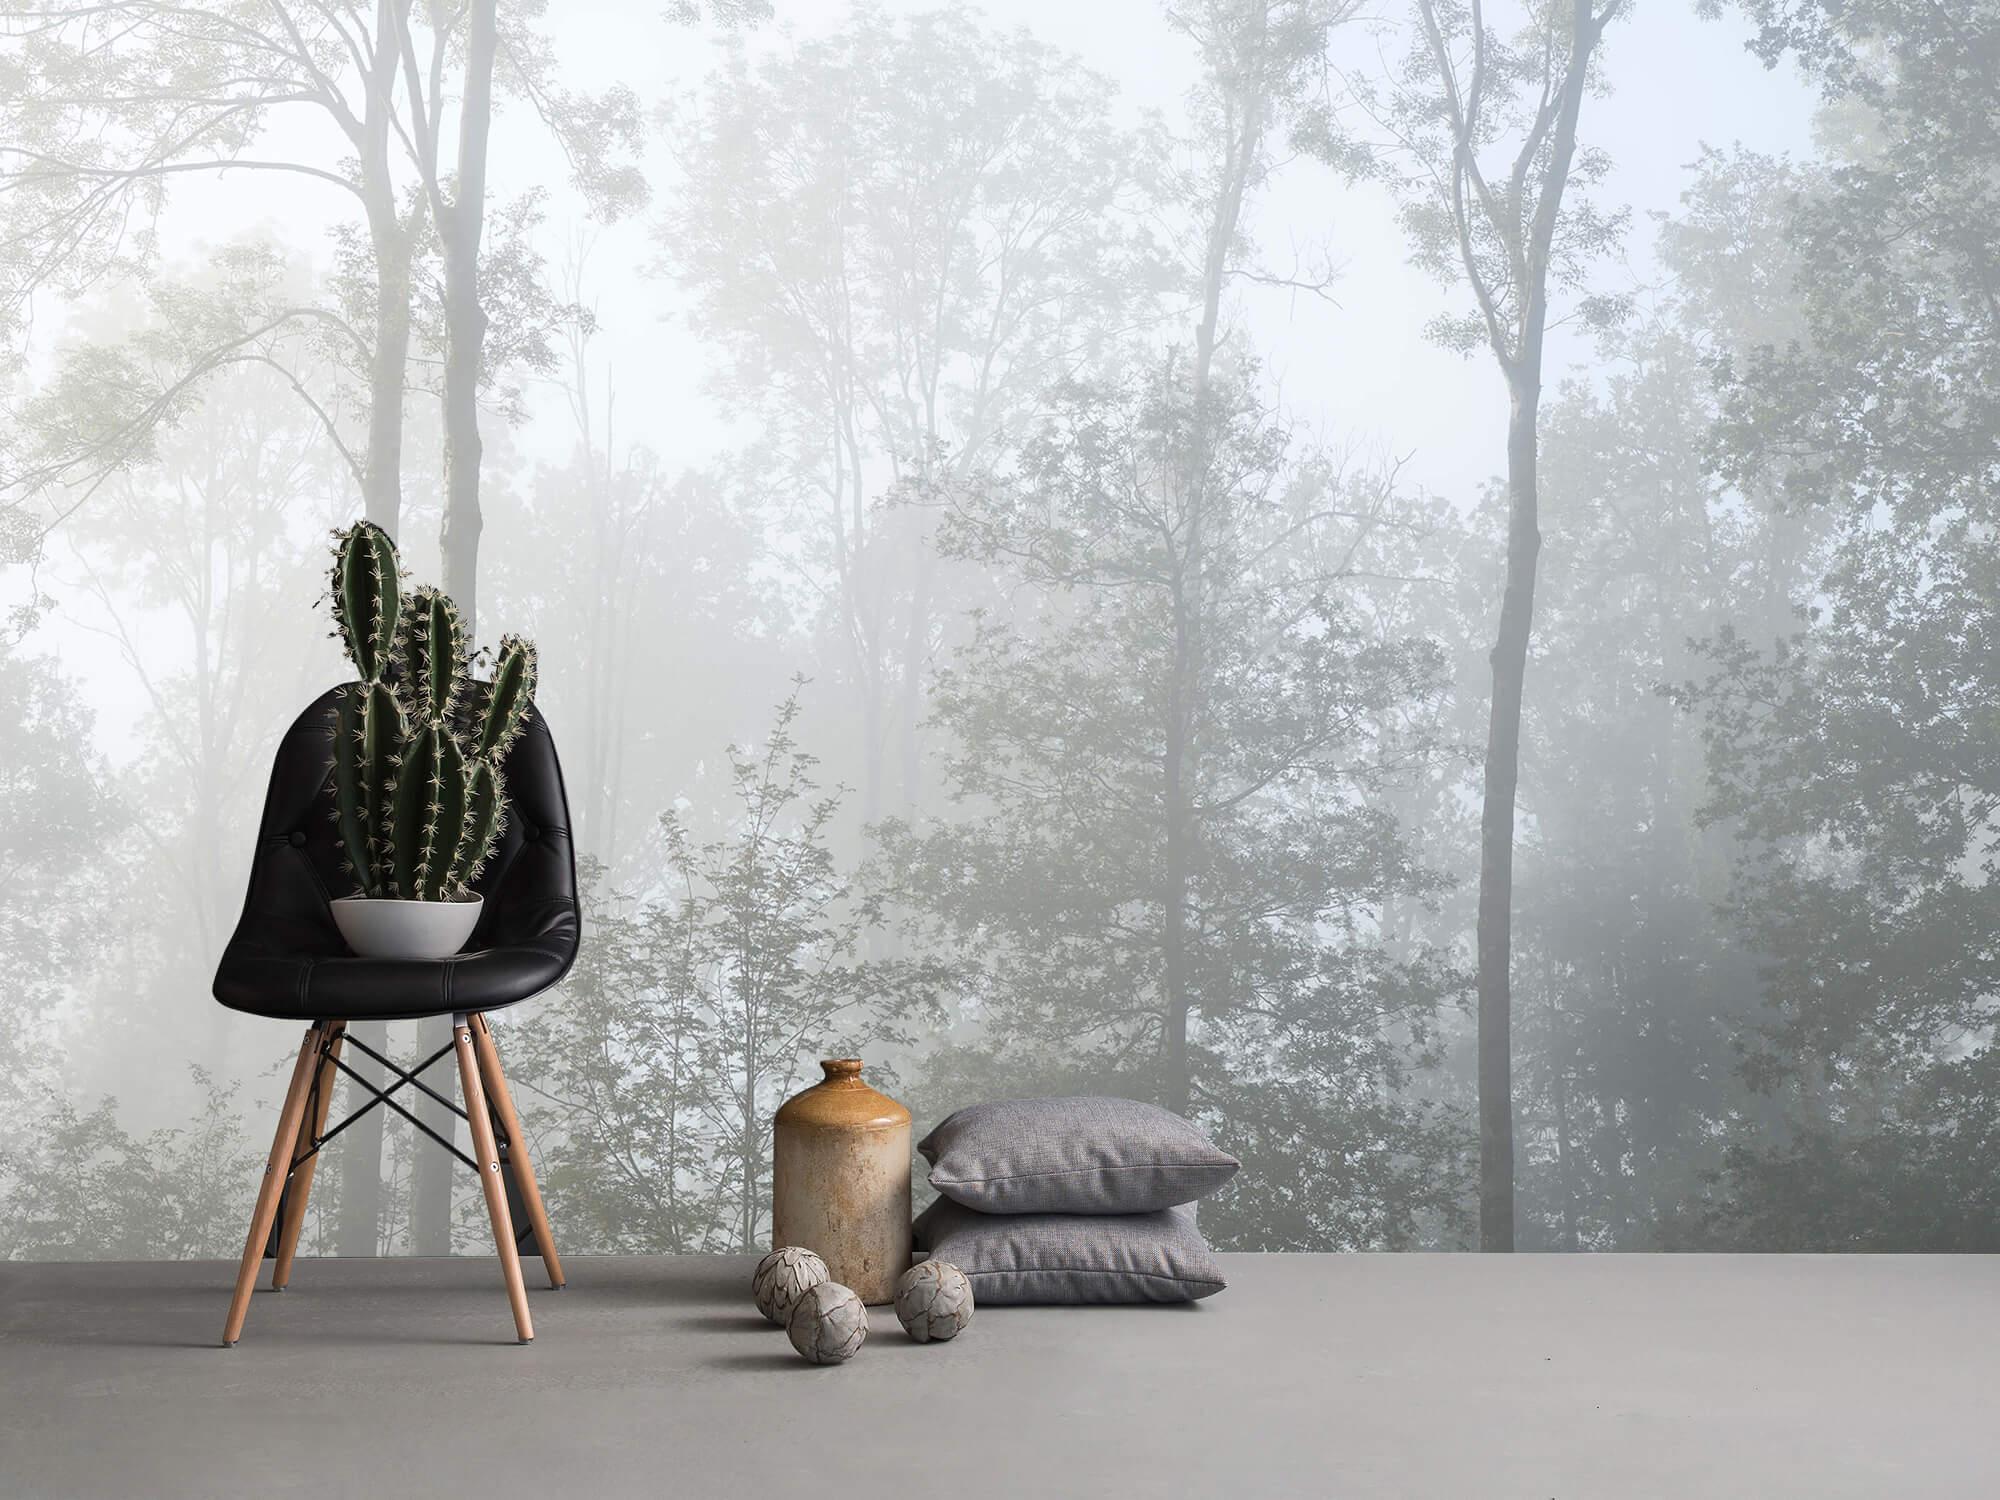 Bos behang Dichte mist in het bos 13